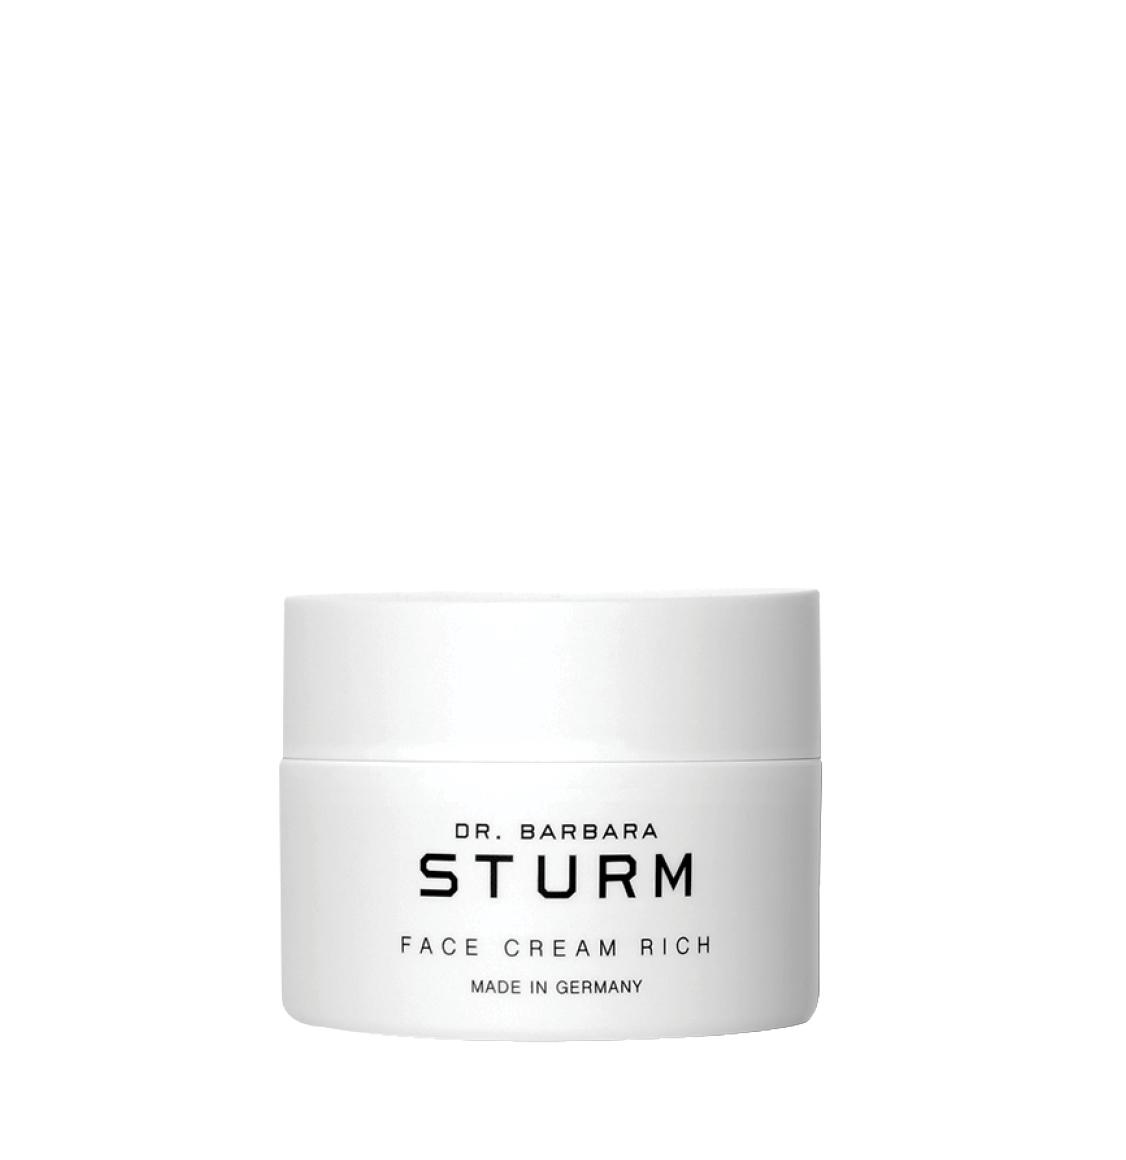 Dr. Barbara Sturm Face Cream Rich 50ml